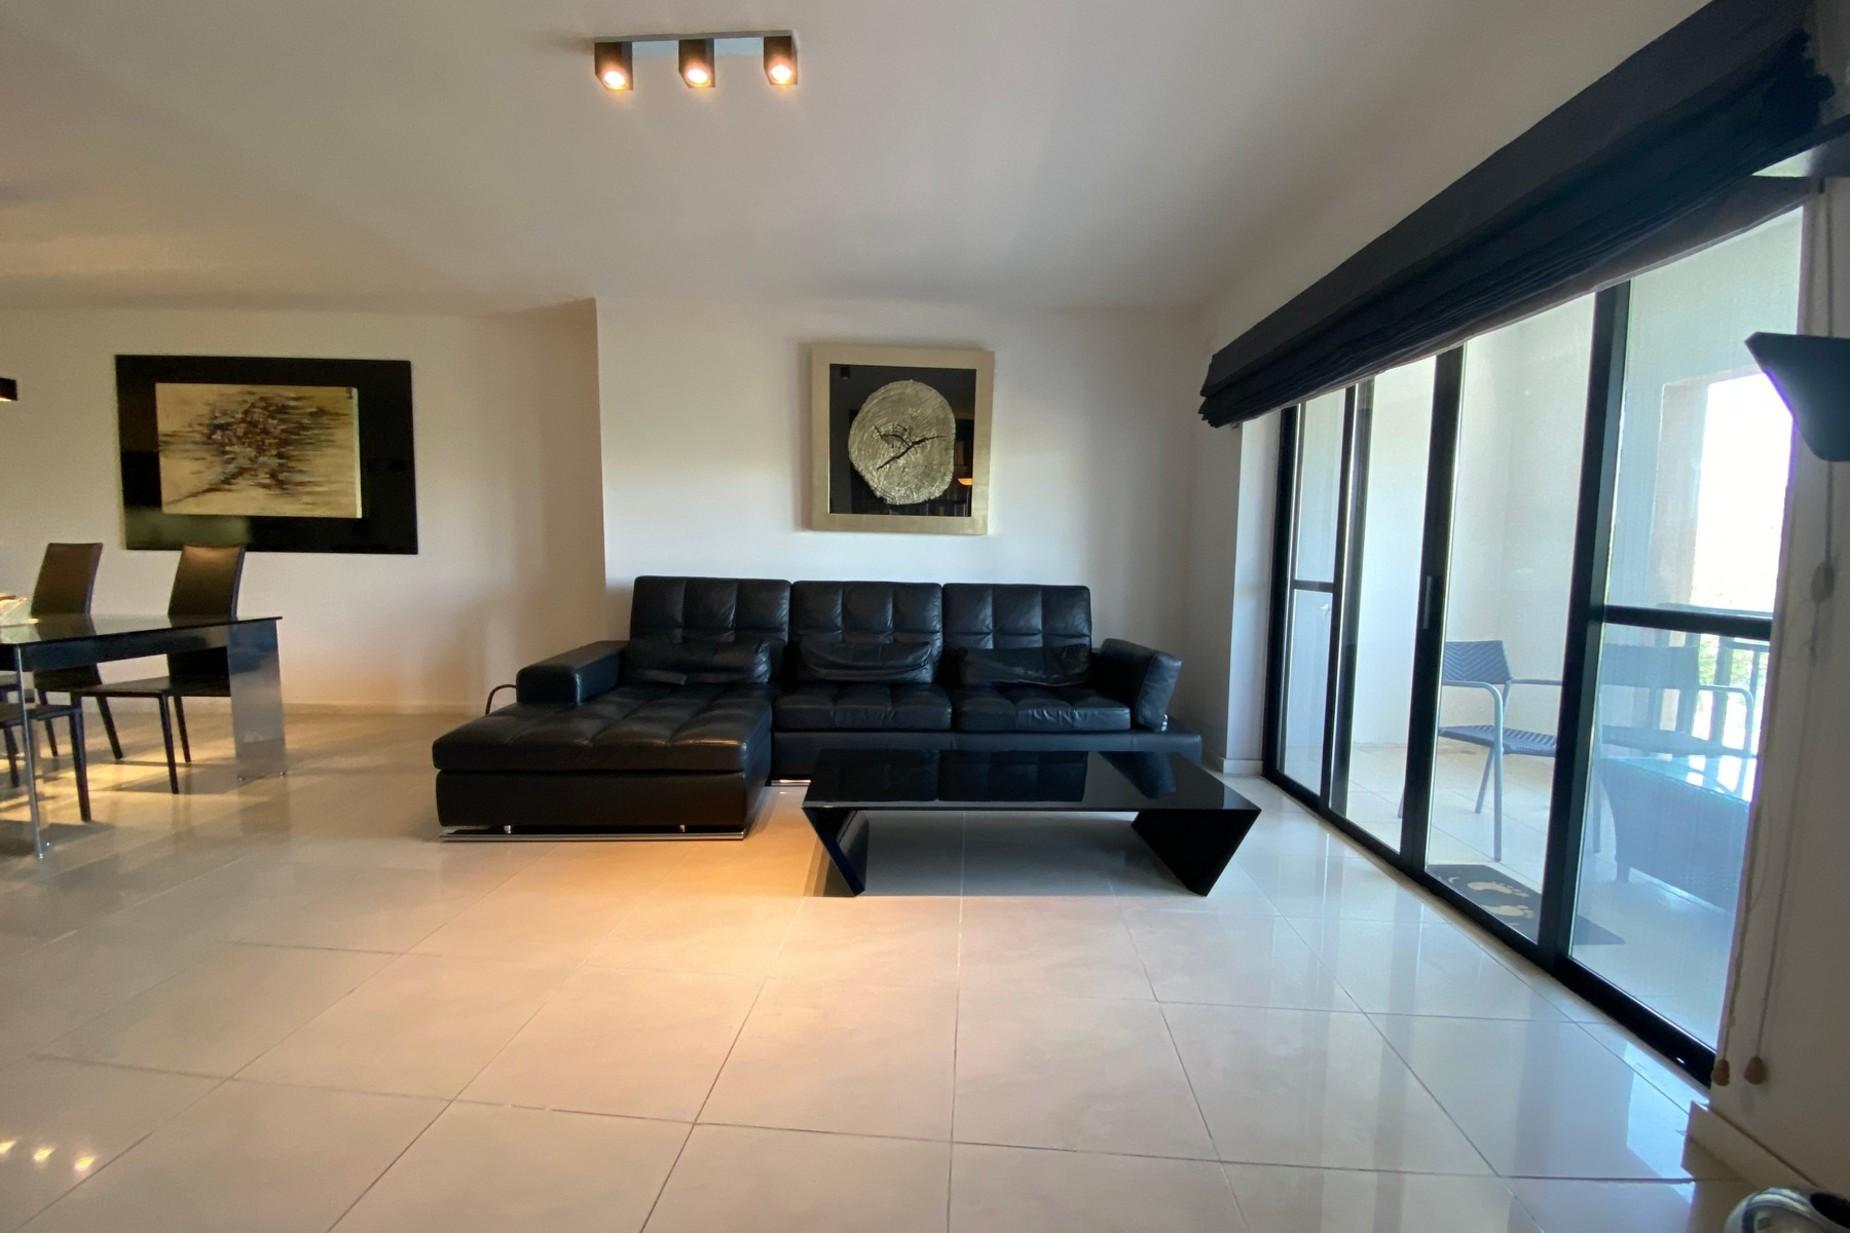 3 bed Apartment For Sale in Pieta, Pieta - thumb 6